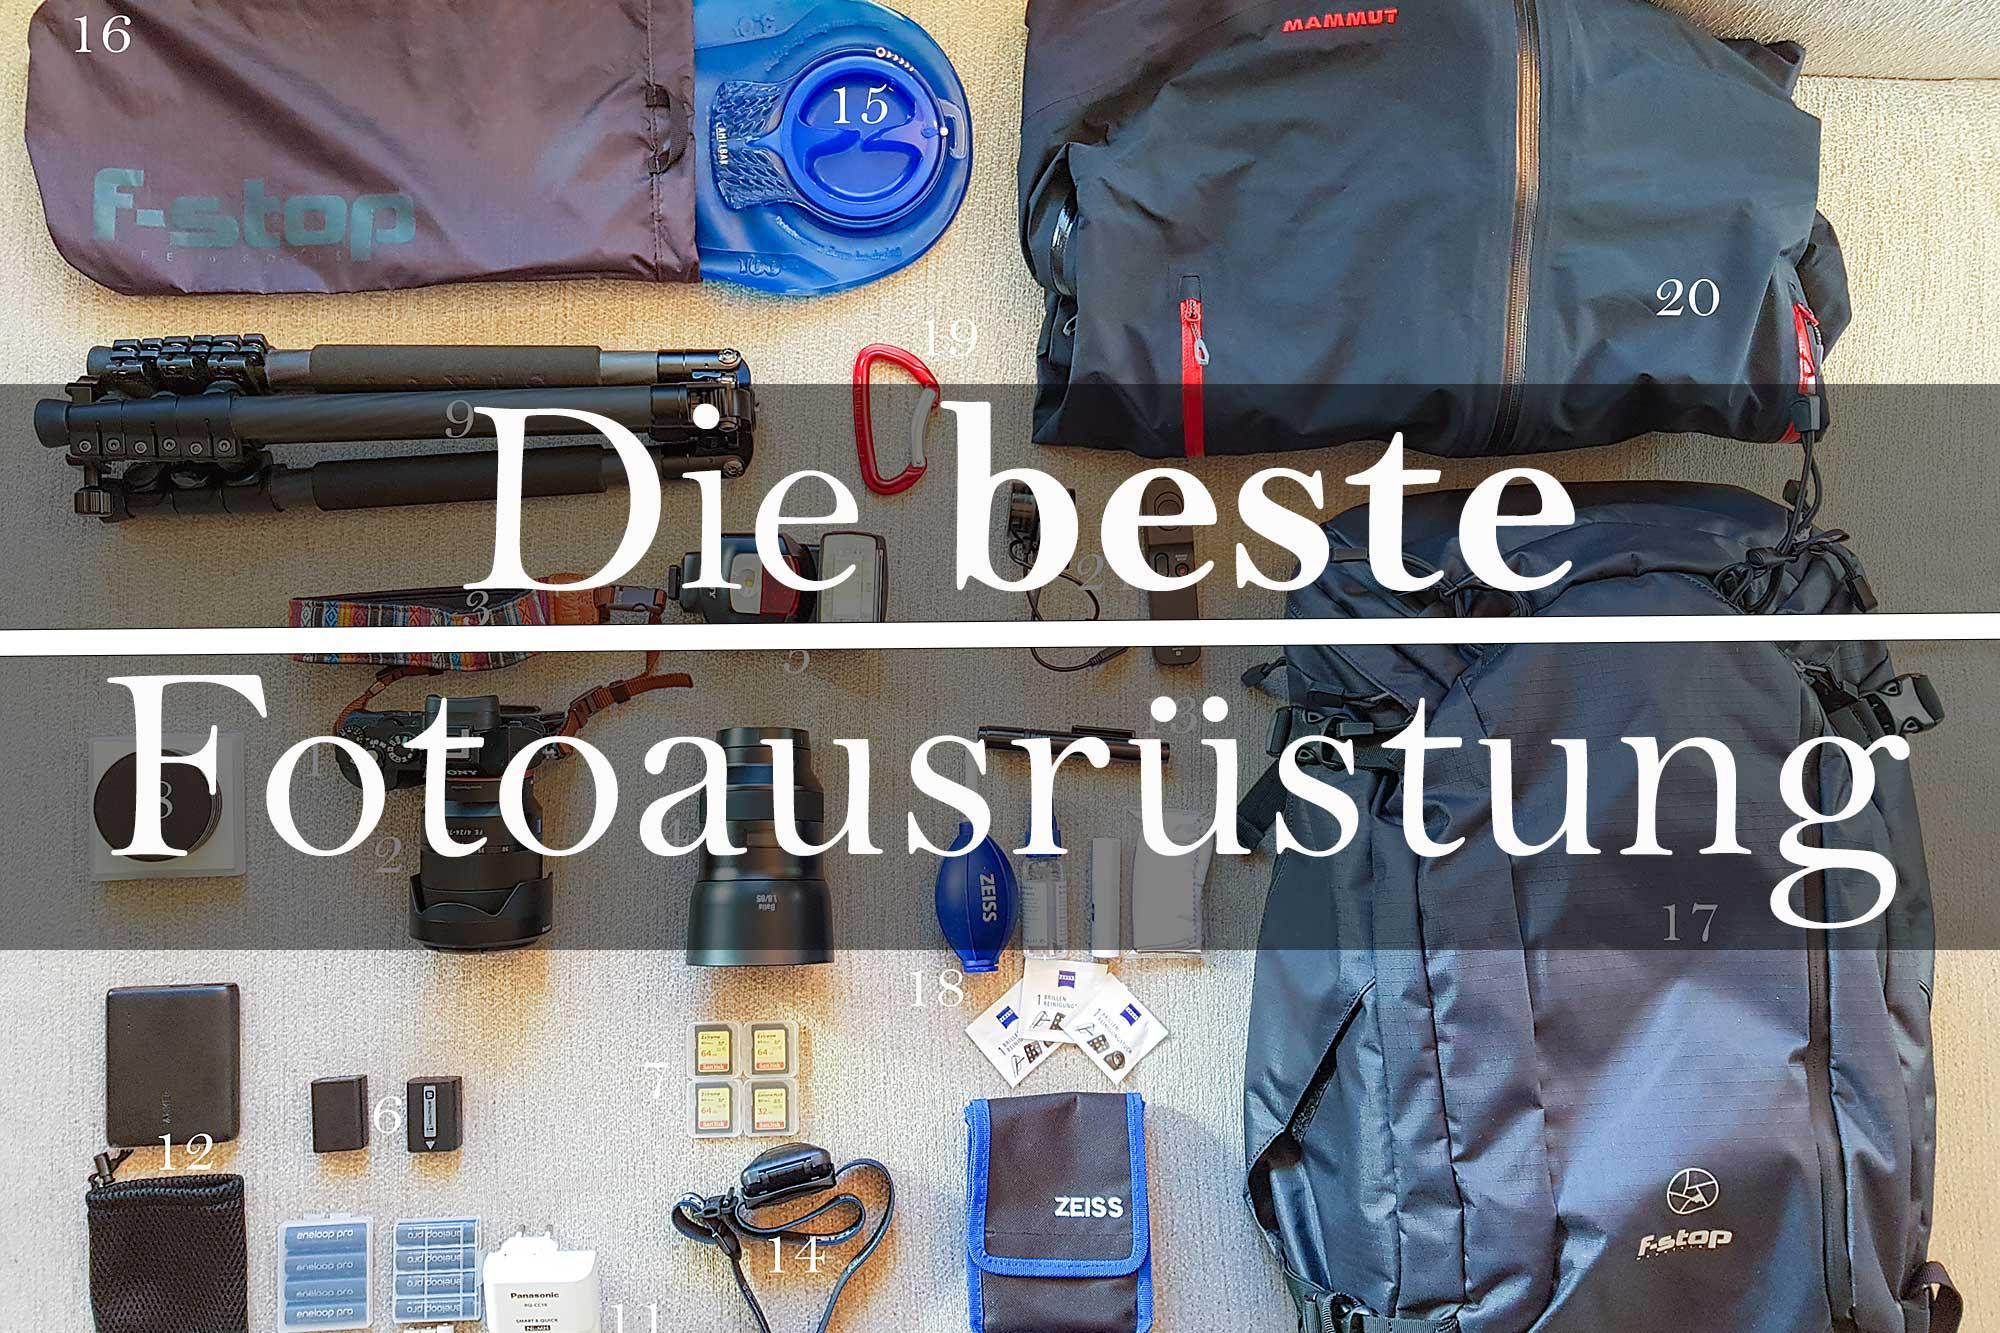 Fotoausrüstung-by-markdeu